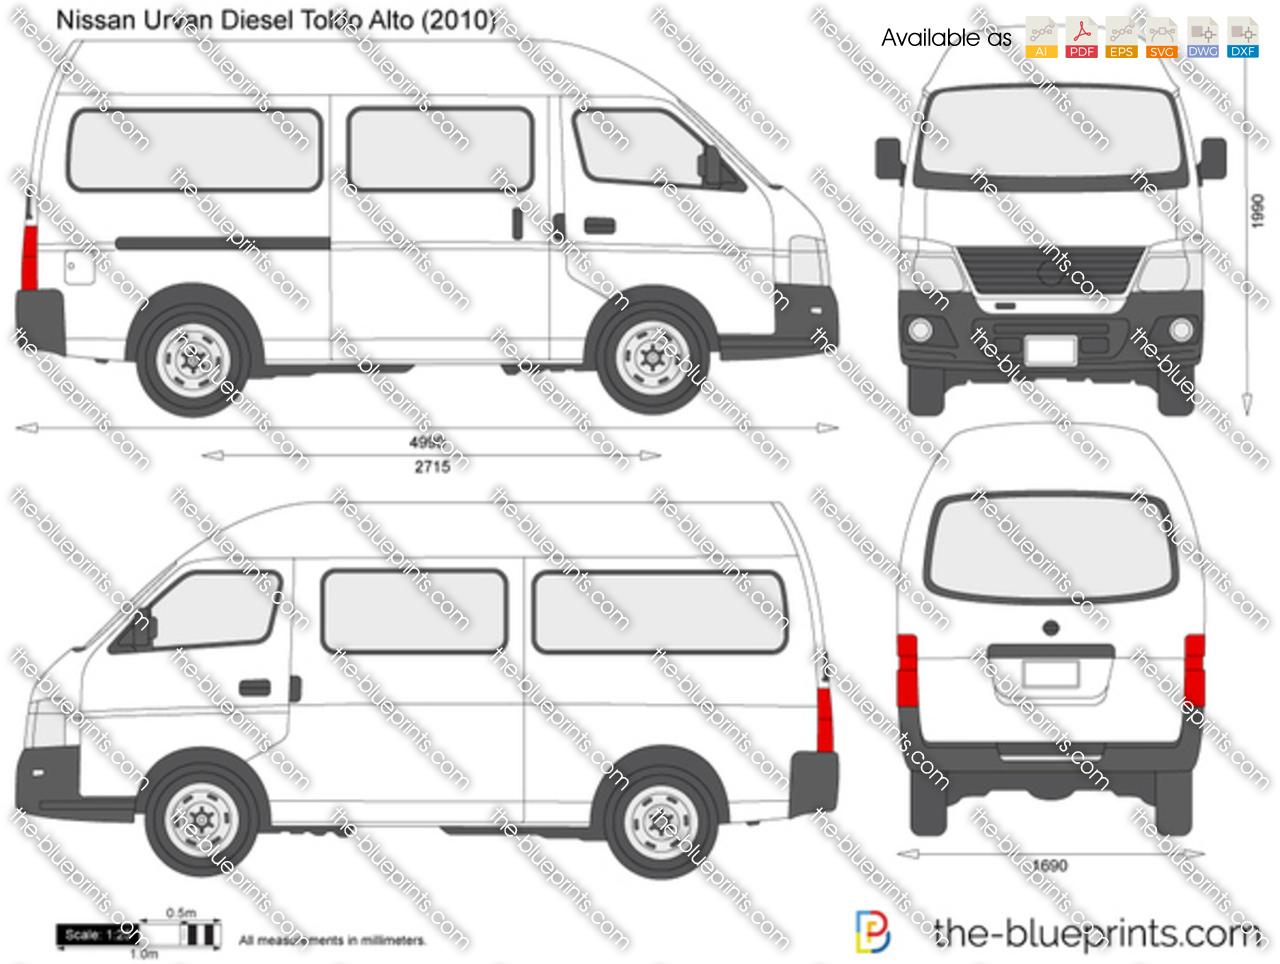 Nissan Urvan Diesel Toldo Alto 2013